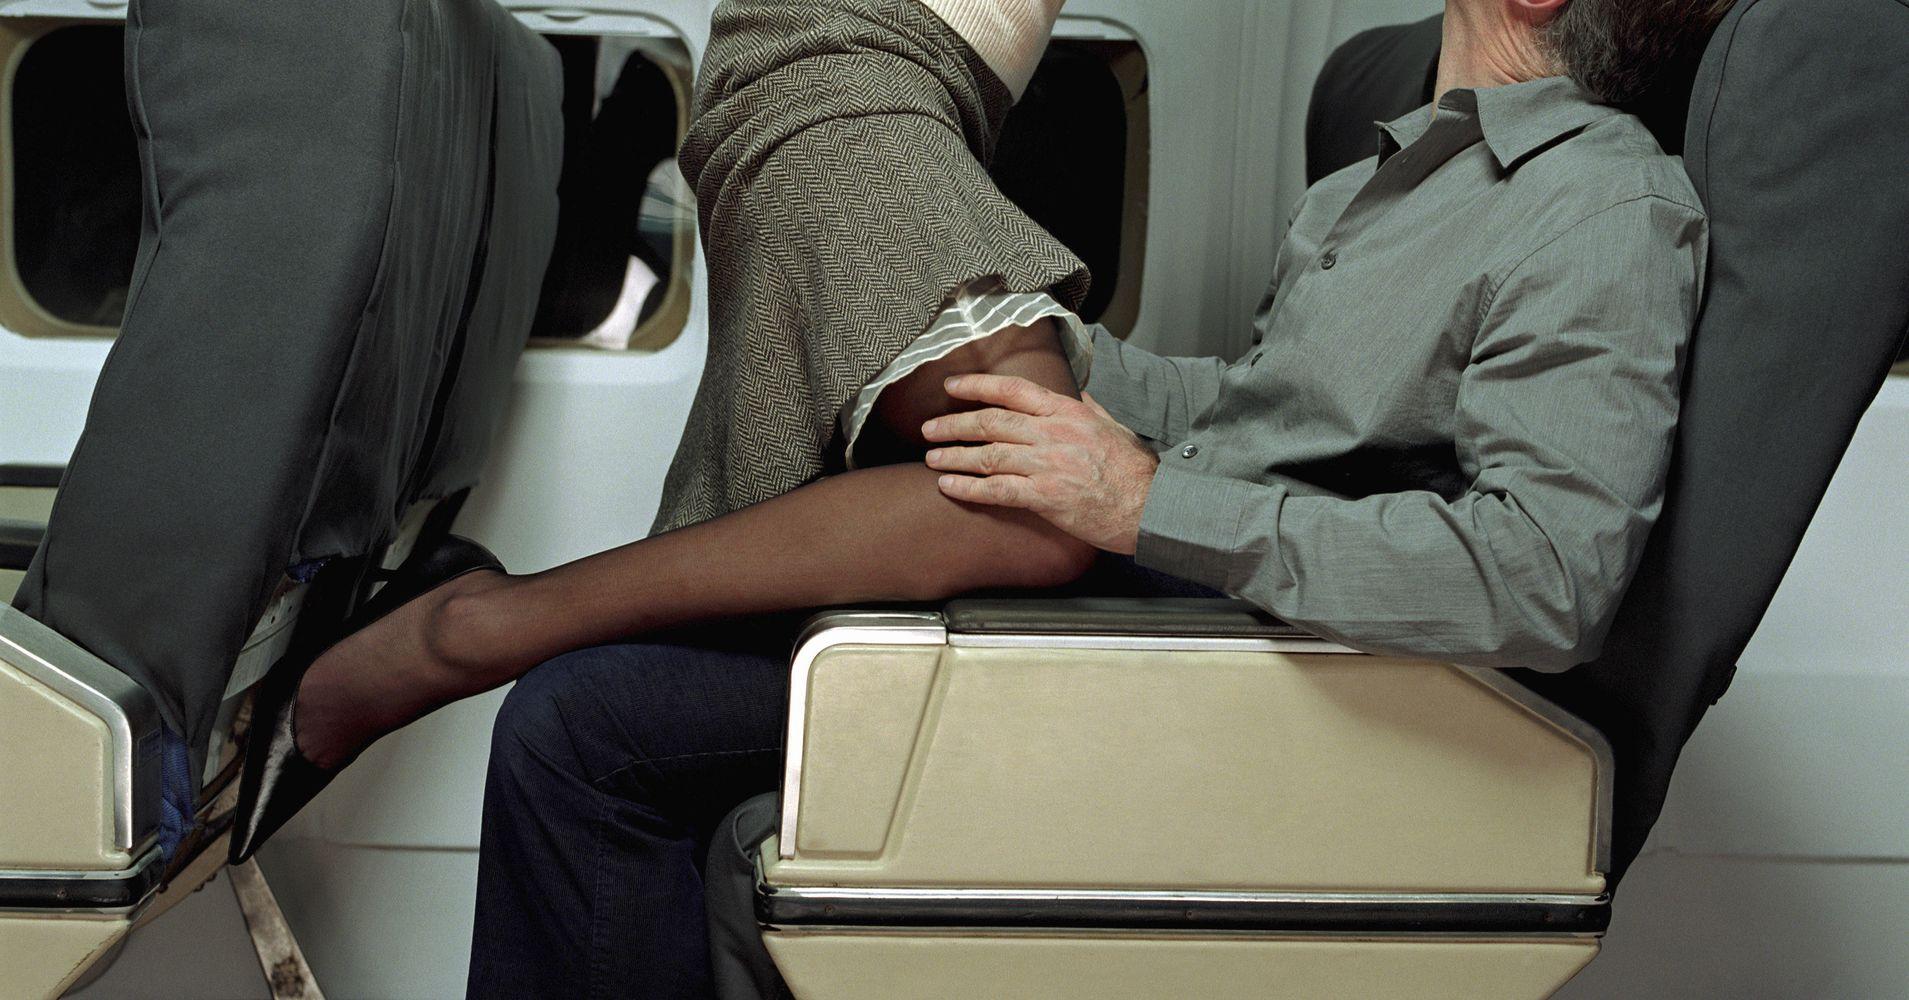 Секс со стюардессой смотреть онлайн, порно видео стюардессы смотреть онлайн бесплатно 25 фотография